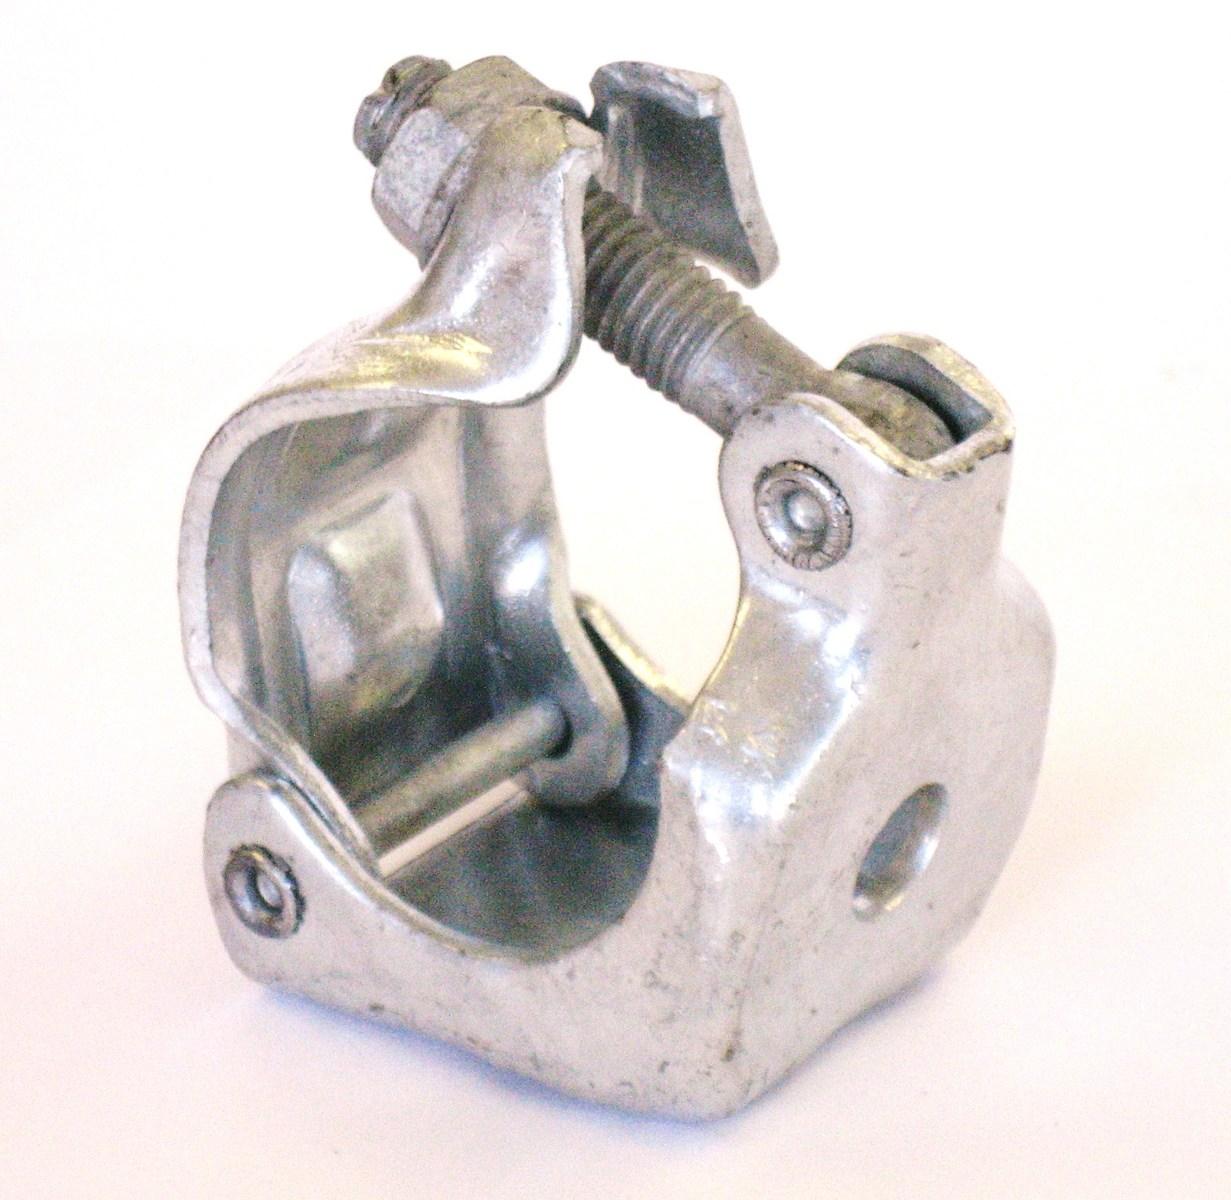 48.6φ同径ドブメッキ 5☆大好評 溶融亜鉛メッキ 単クランプ 13φ穴開き オーバーサイズフランジナットを使用し ナット ボルト リベットもALLドブメッキ 1個 JIS規格50μオーバーの被膜厚 単管パイプ用 超激安特価 ARC-8D ドブメッキ 0.35kg 同径48.6φ バラ